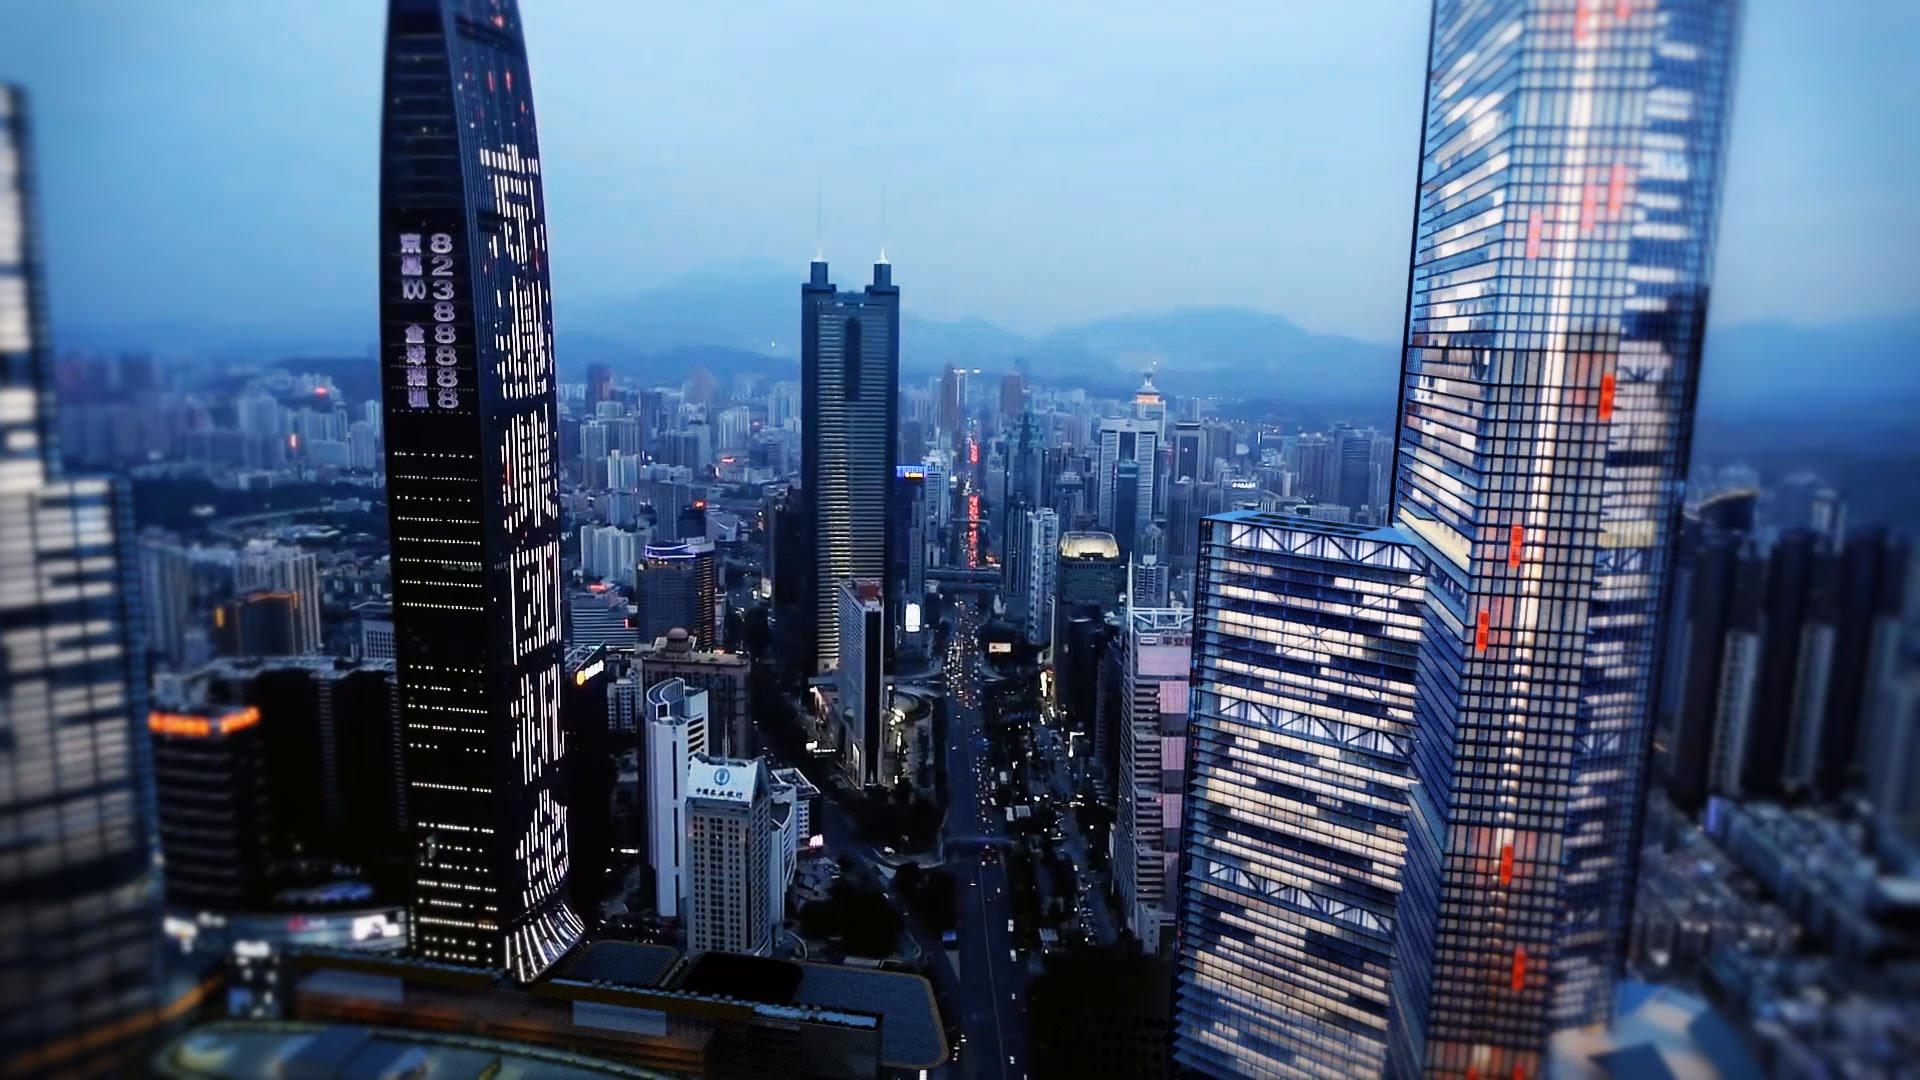 Un video sobre las innovaciones de Shenzhen en China.